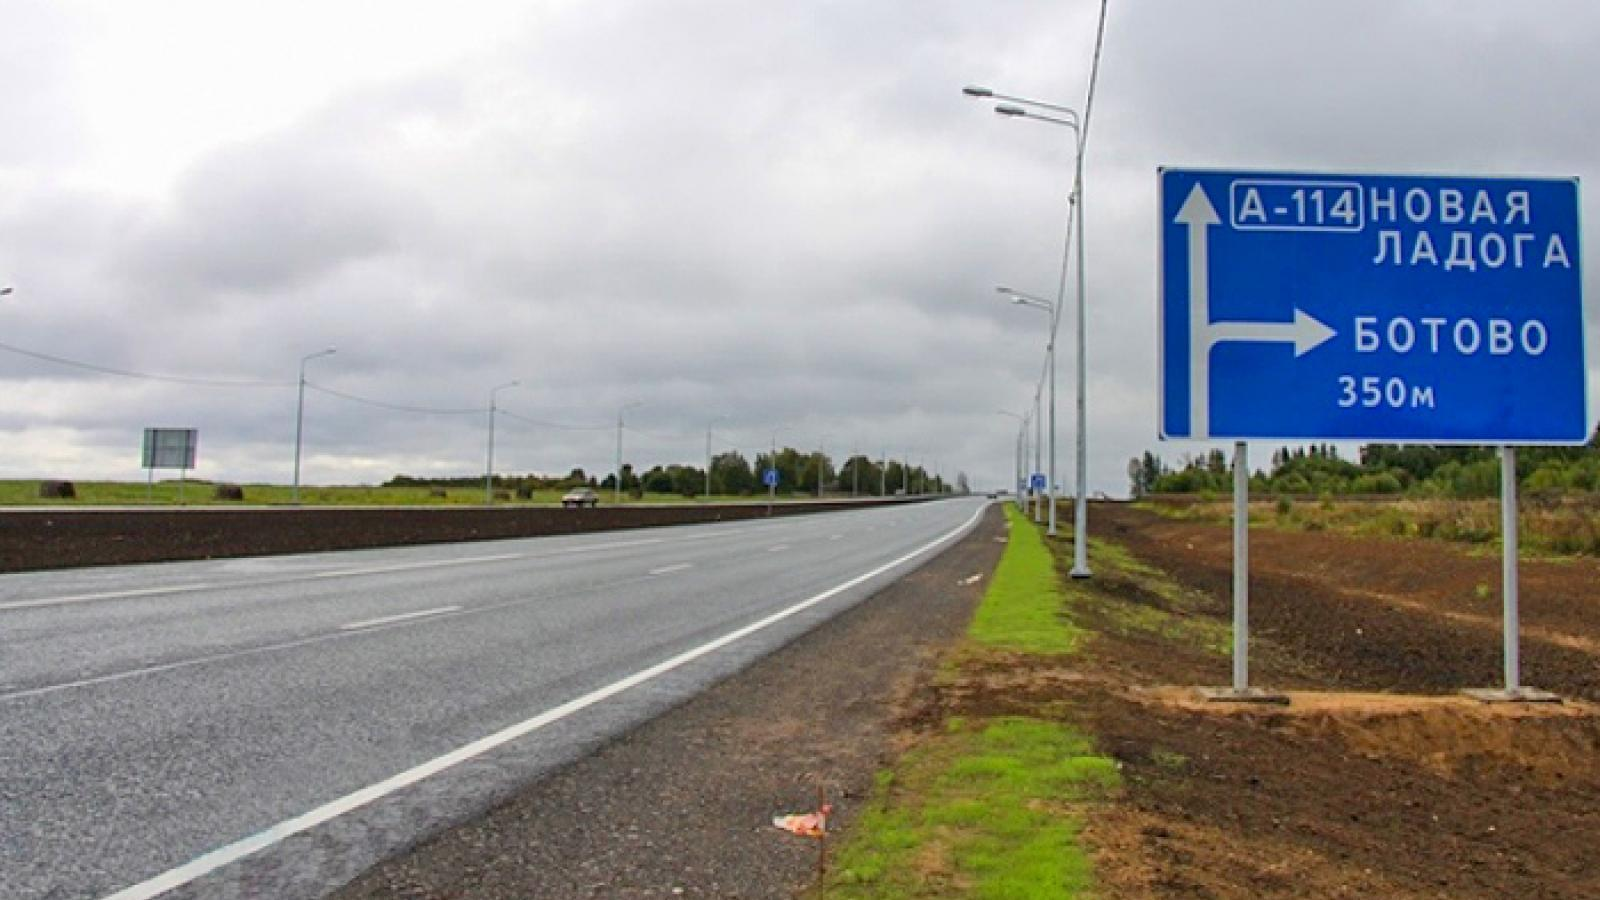 Трассу Вологда — Новая Ладога расширят по всей длине